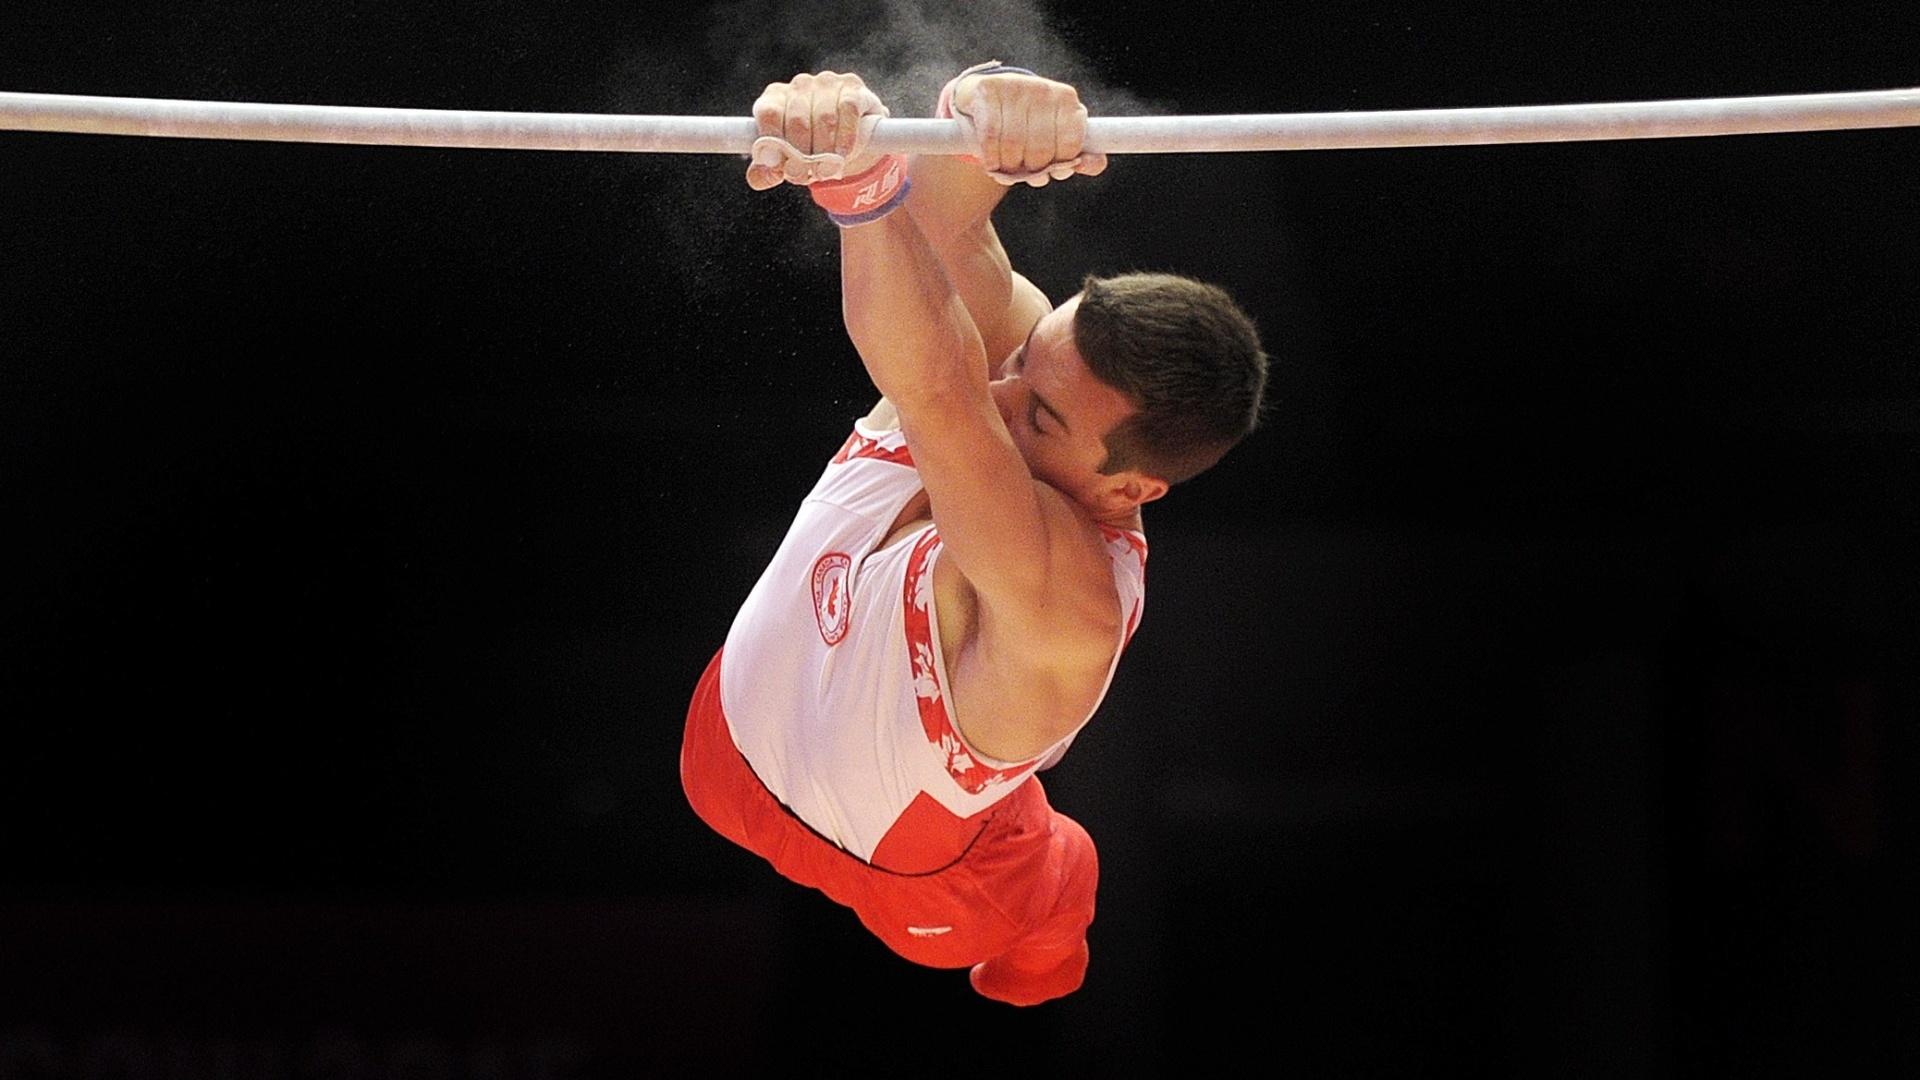 Rene Cournoyer, do Canadá, se apresenta na barra durante a eliminatória do Mundial de ginástica artística